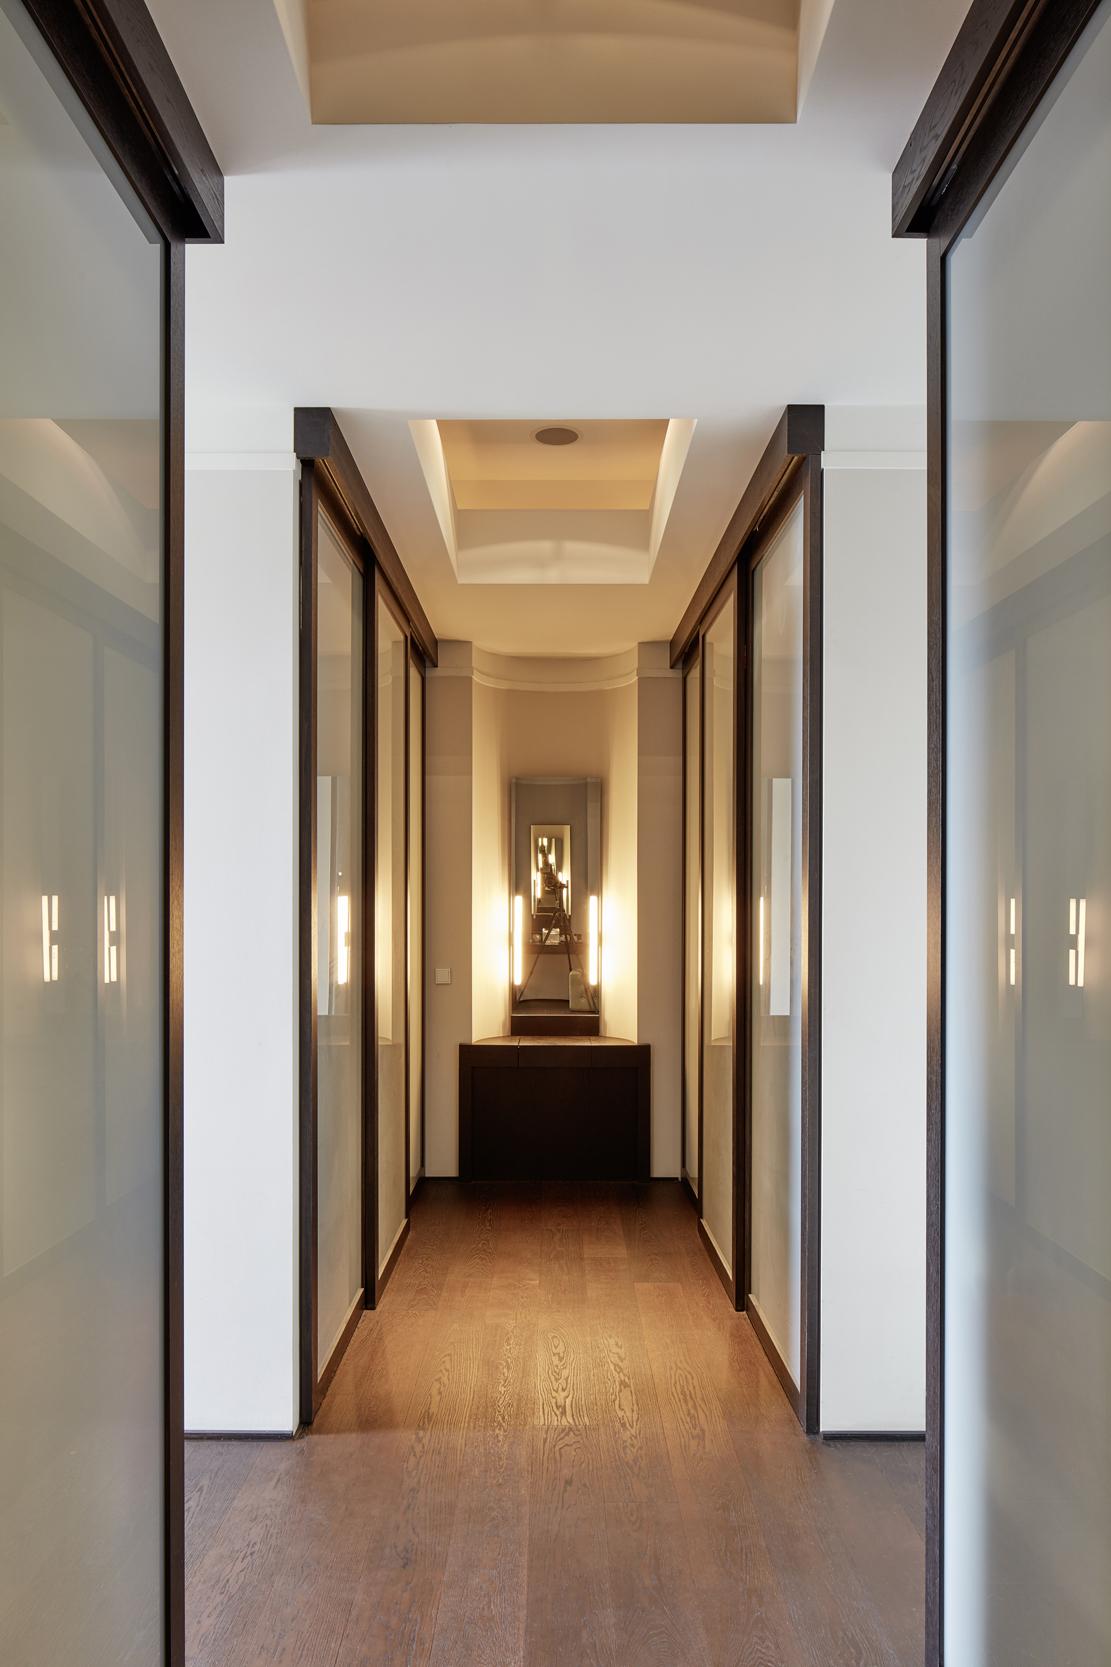 Neubau einer Villa in klassisch-traditioneller Architektursprache - Der Blick auf den Schminktisch der Ankleide aus dunkler Eiche